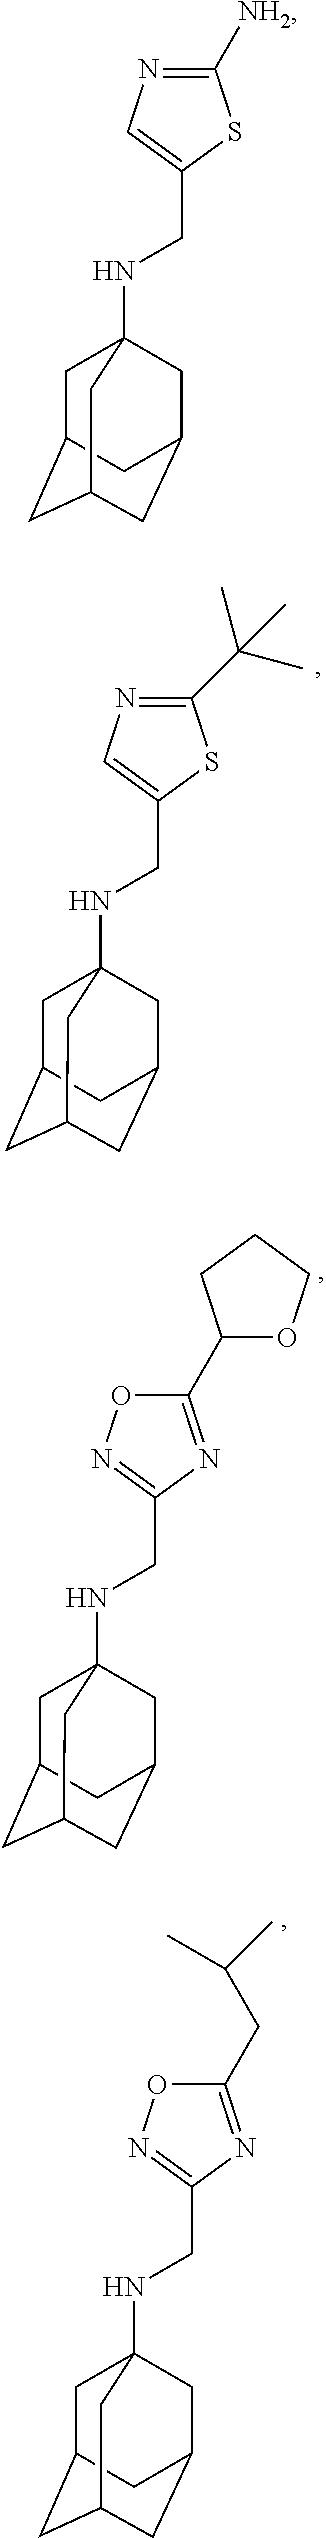 Figure US09884832-20180206-C00186